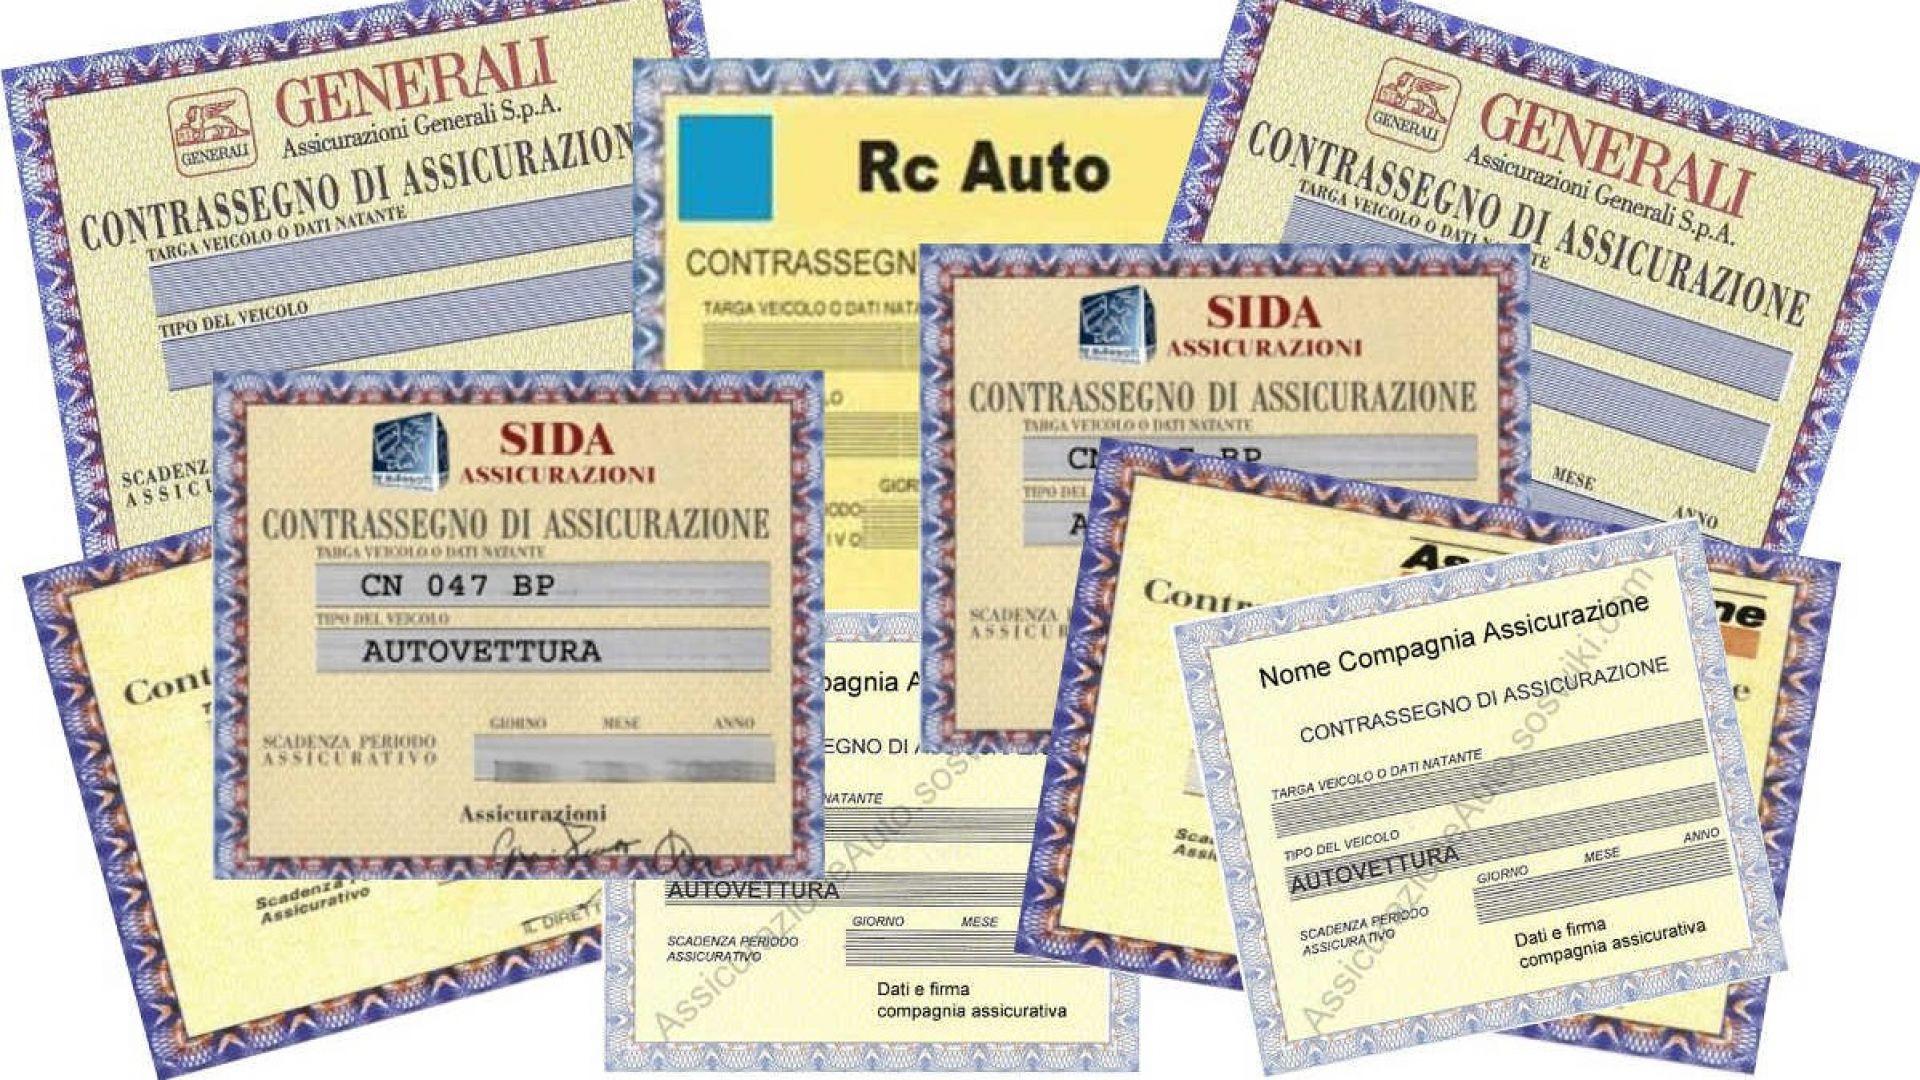 assicurazioni rc auto: torna il tacito rinnovo nel ddl concorrenza